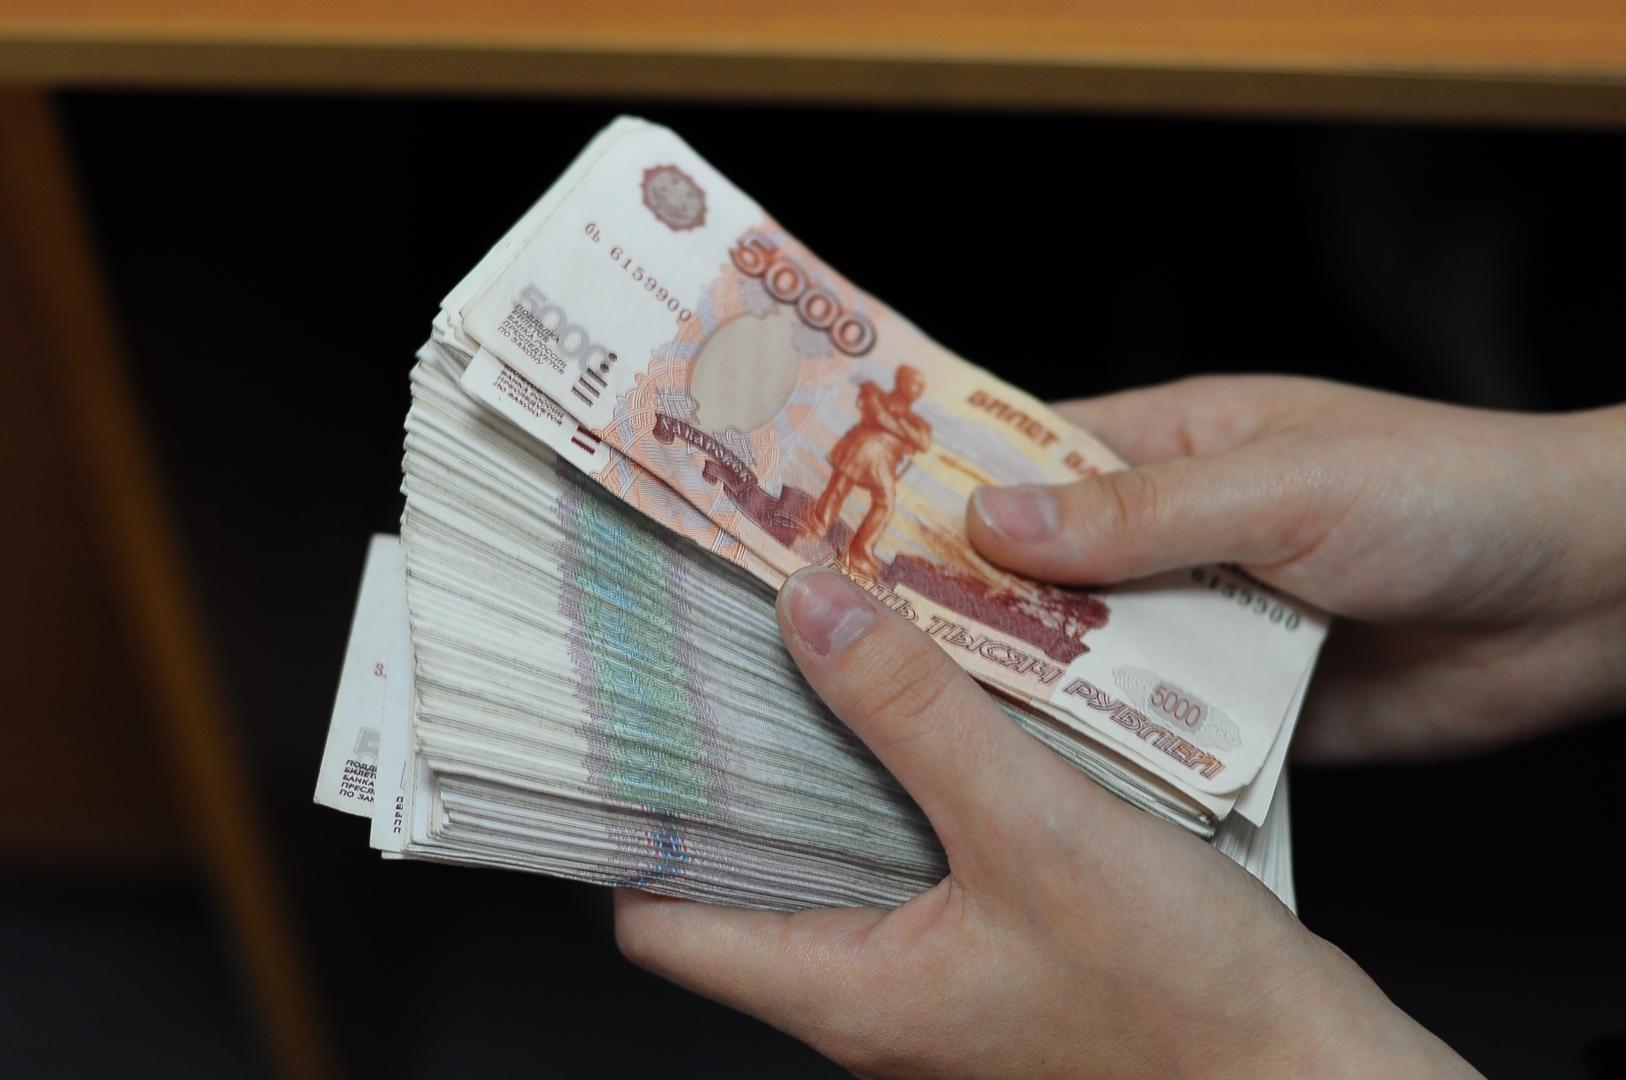 пачка денег фото рубли здания транспорт были